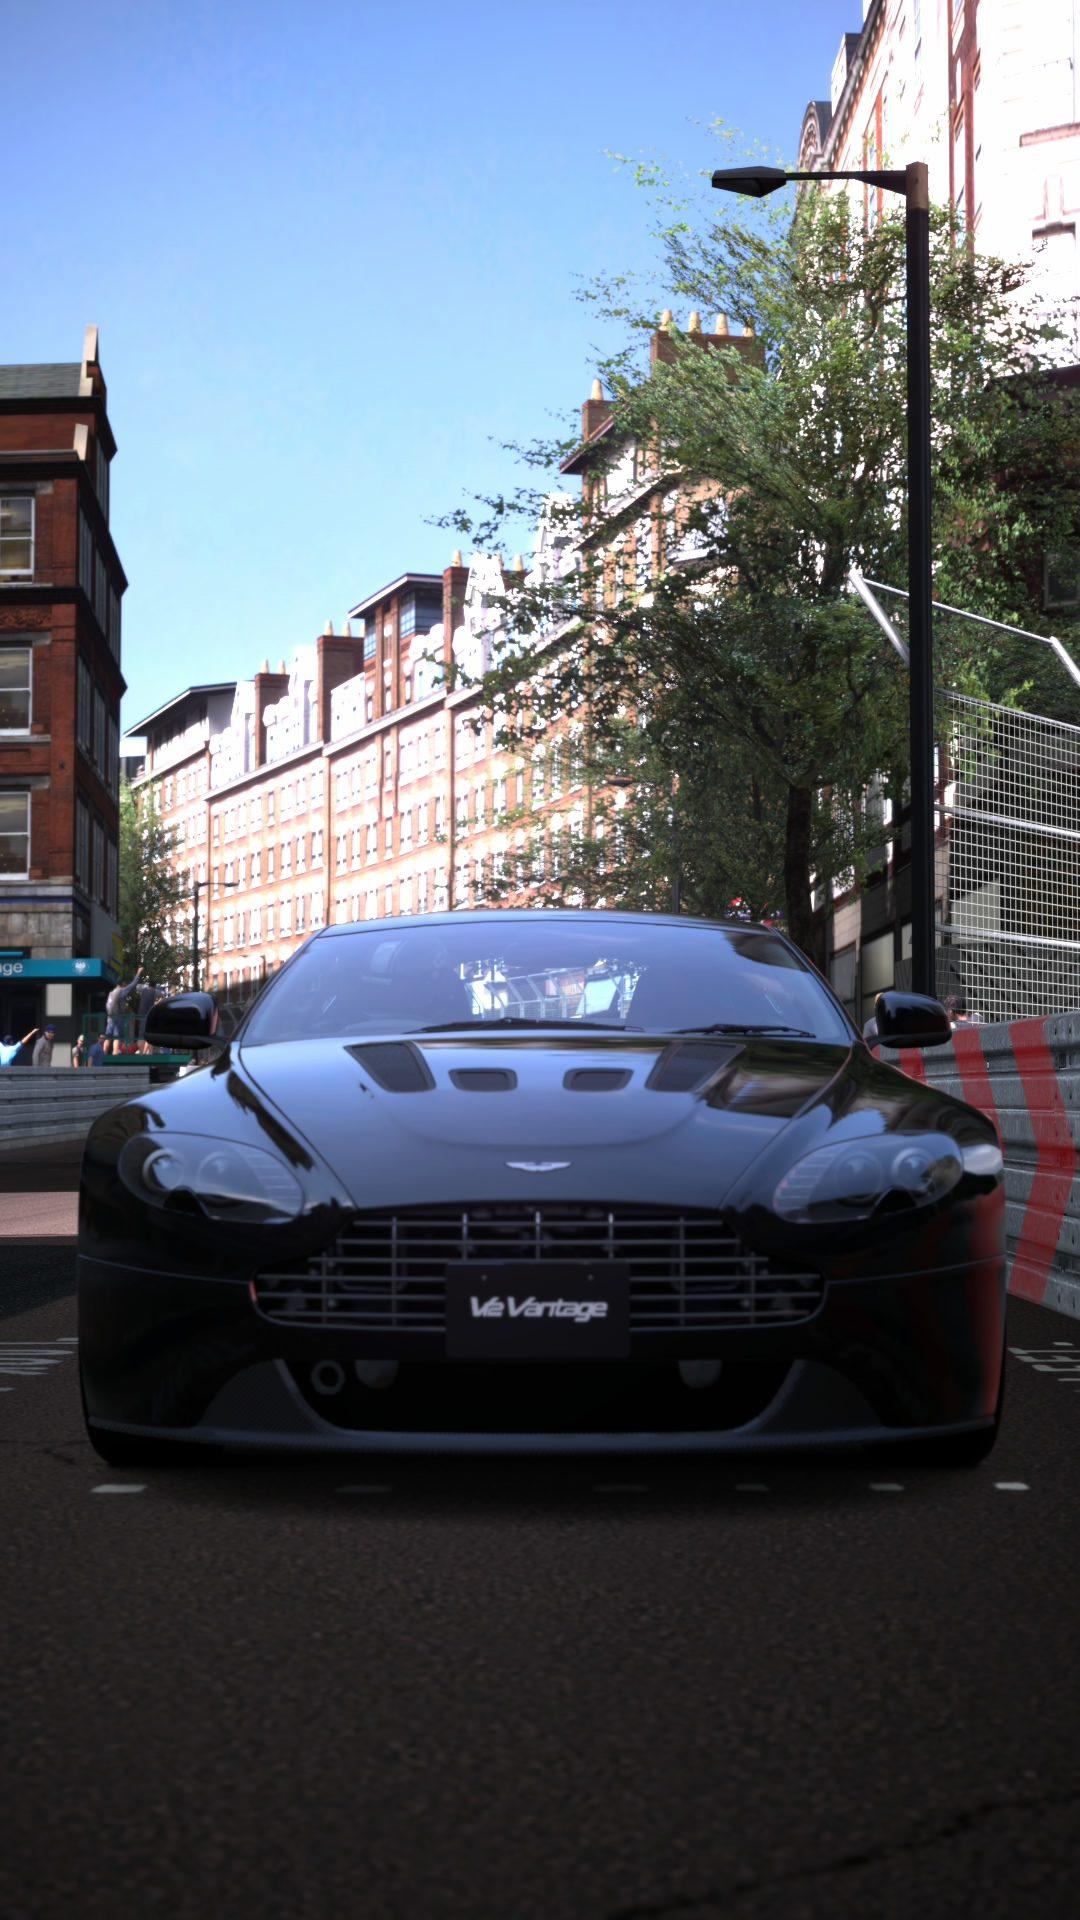 London_23.jpg